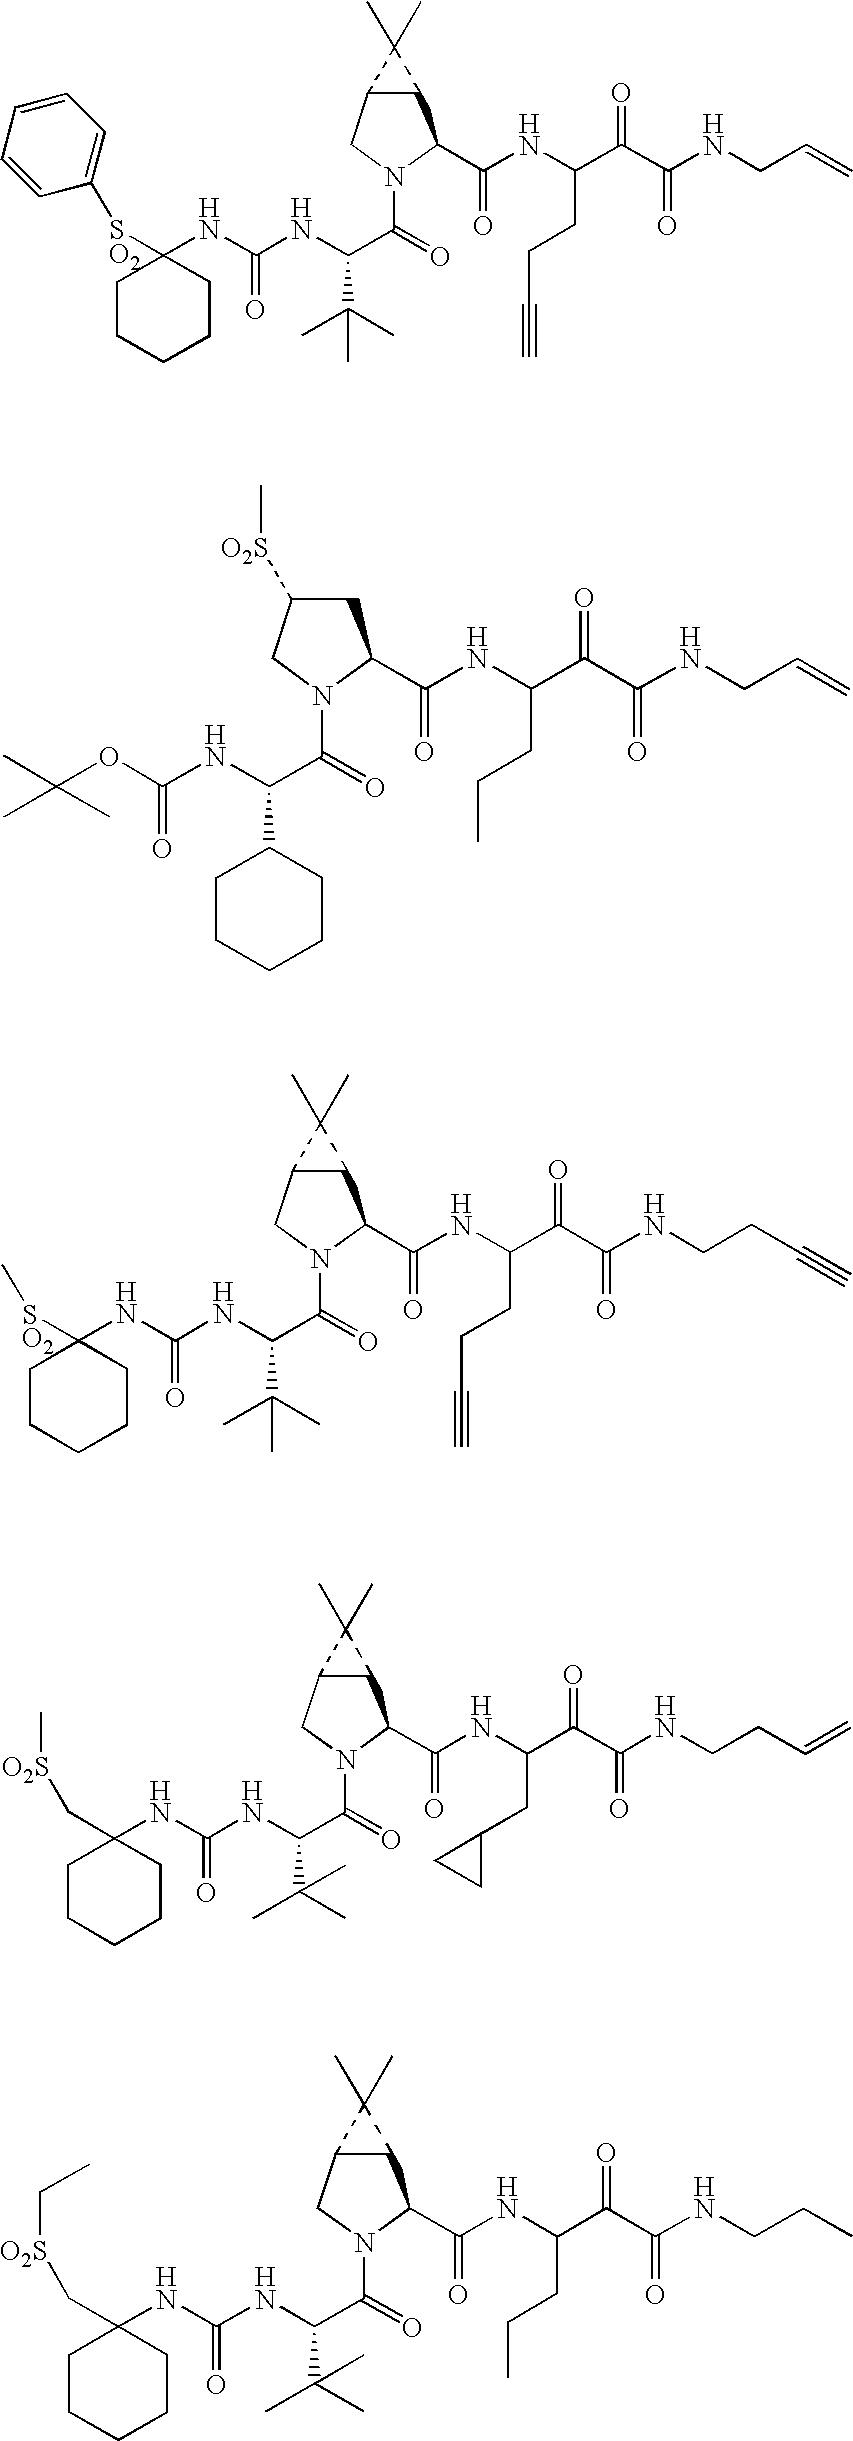 Figure US20060287248A1-20061221-C00460